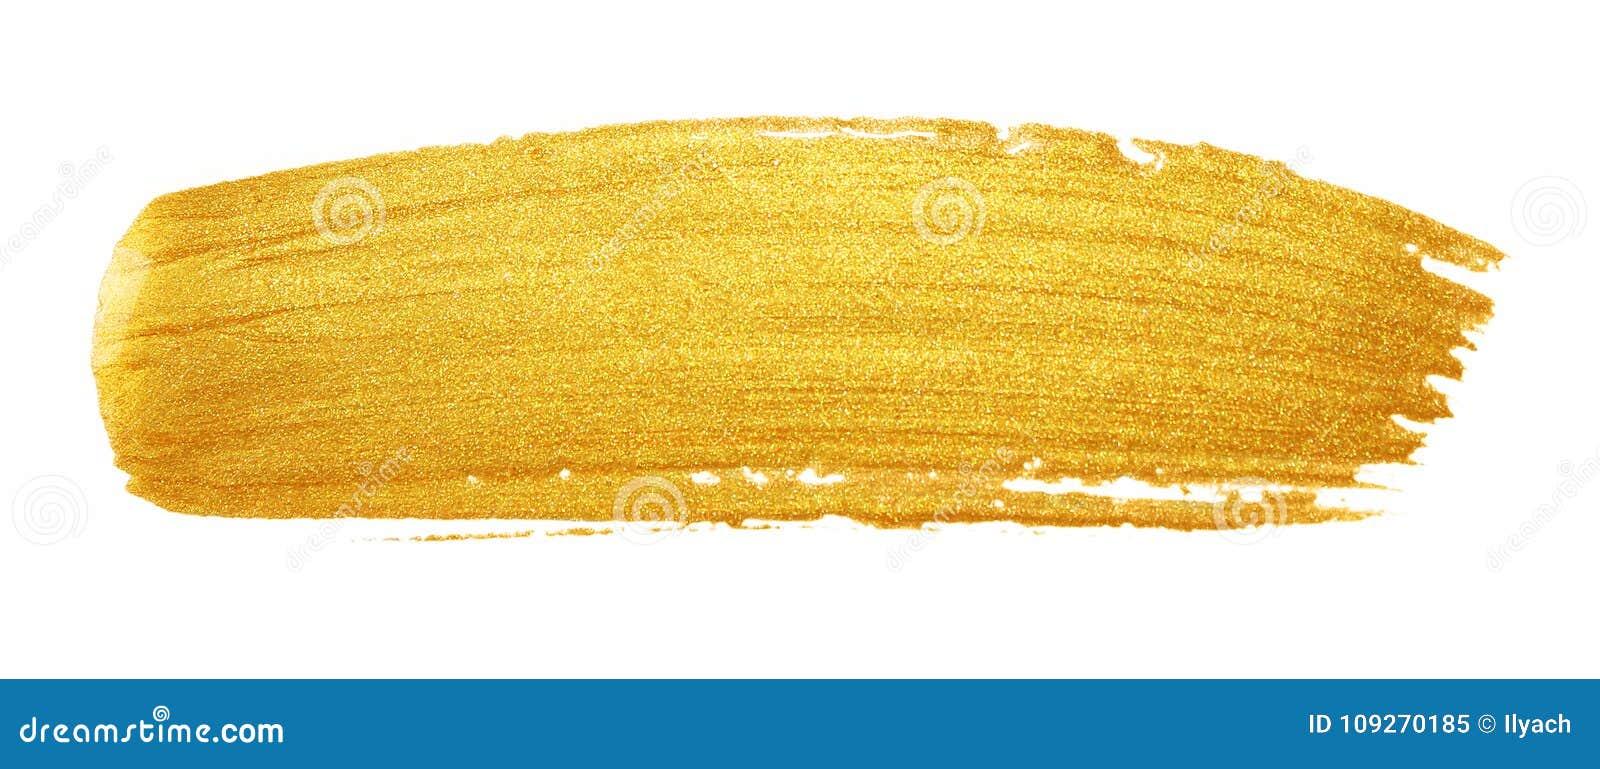 Κτύπημα βουρτσών χρωμάτων Golded Ακτινοβολήστε χρυσός λεκές κηλίδων χρώματος στο whi